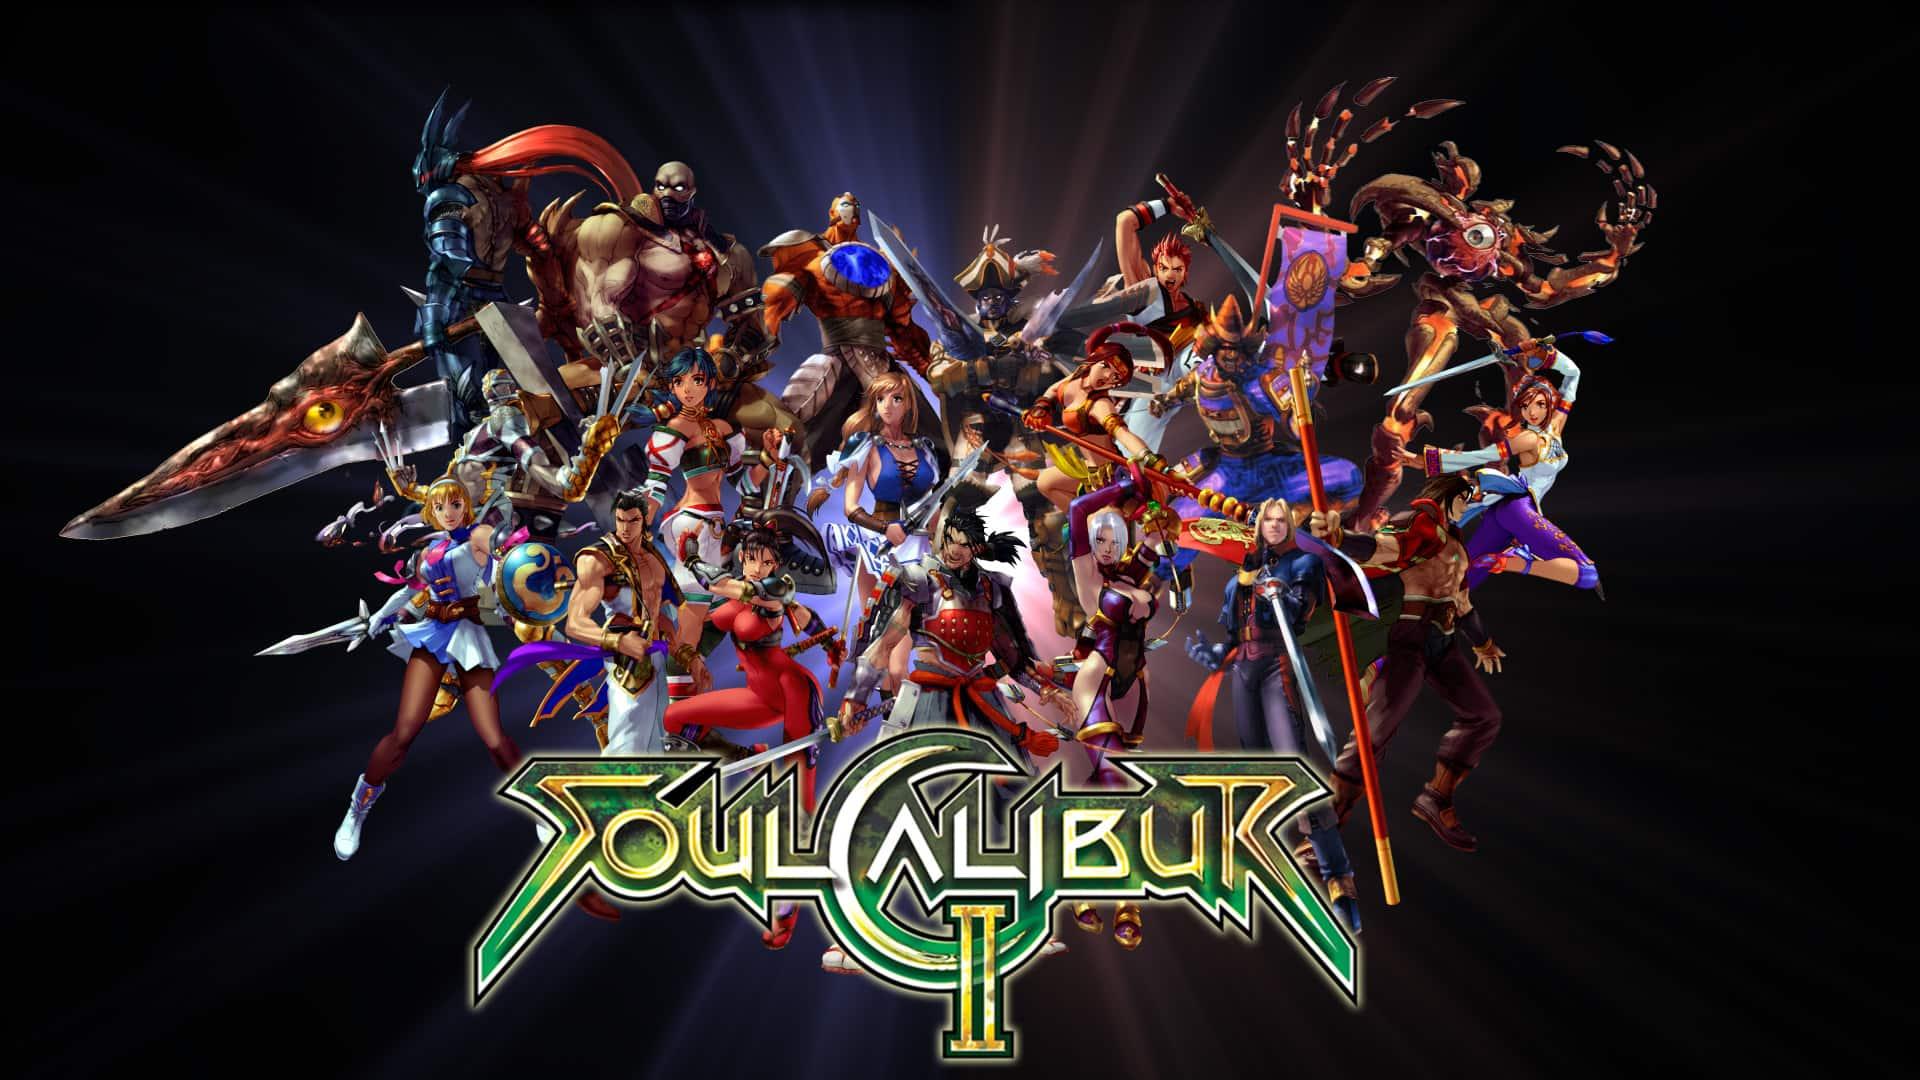 Best Fighting Games - Soulcalibur II